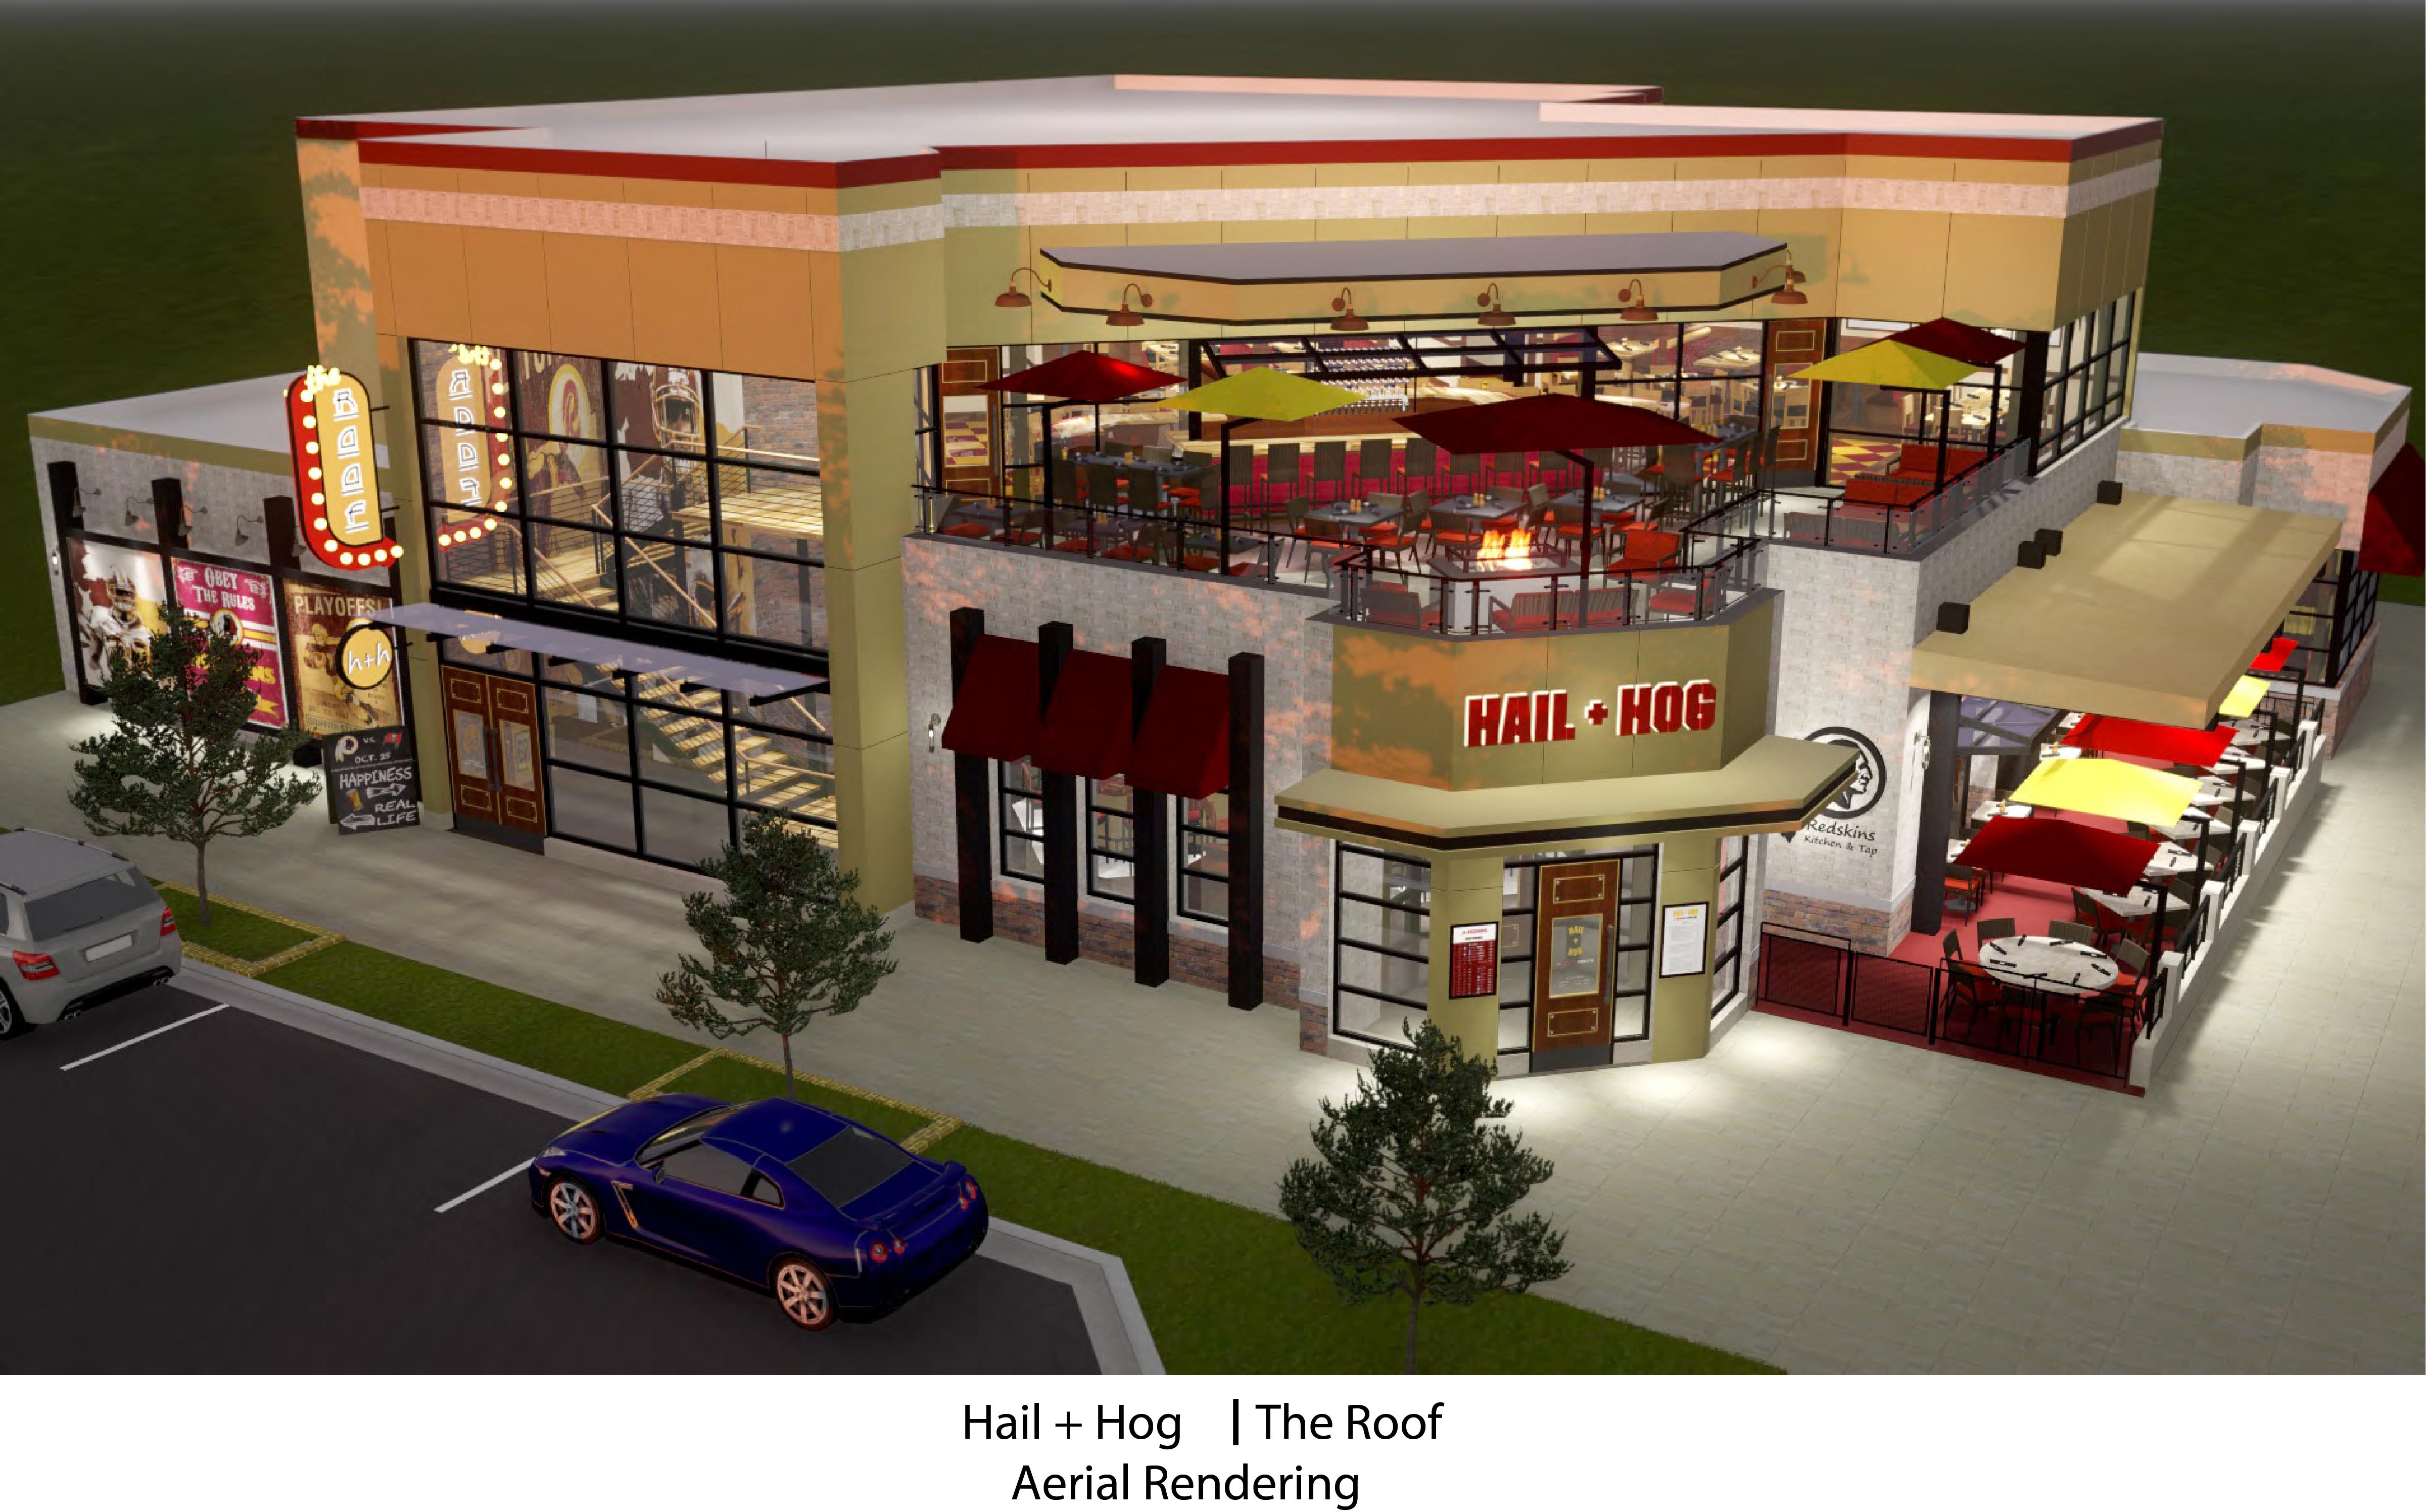 Redskins-themed Hail & Hog files for bankruptcy